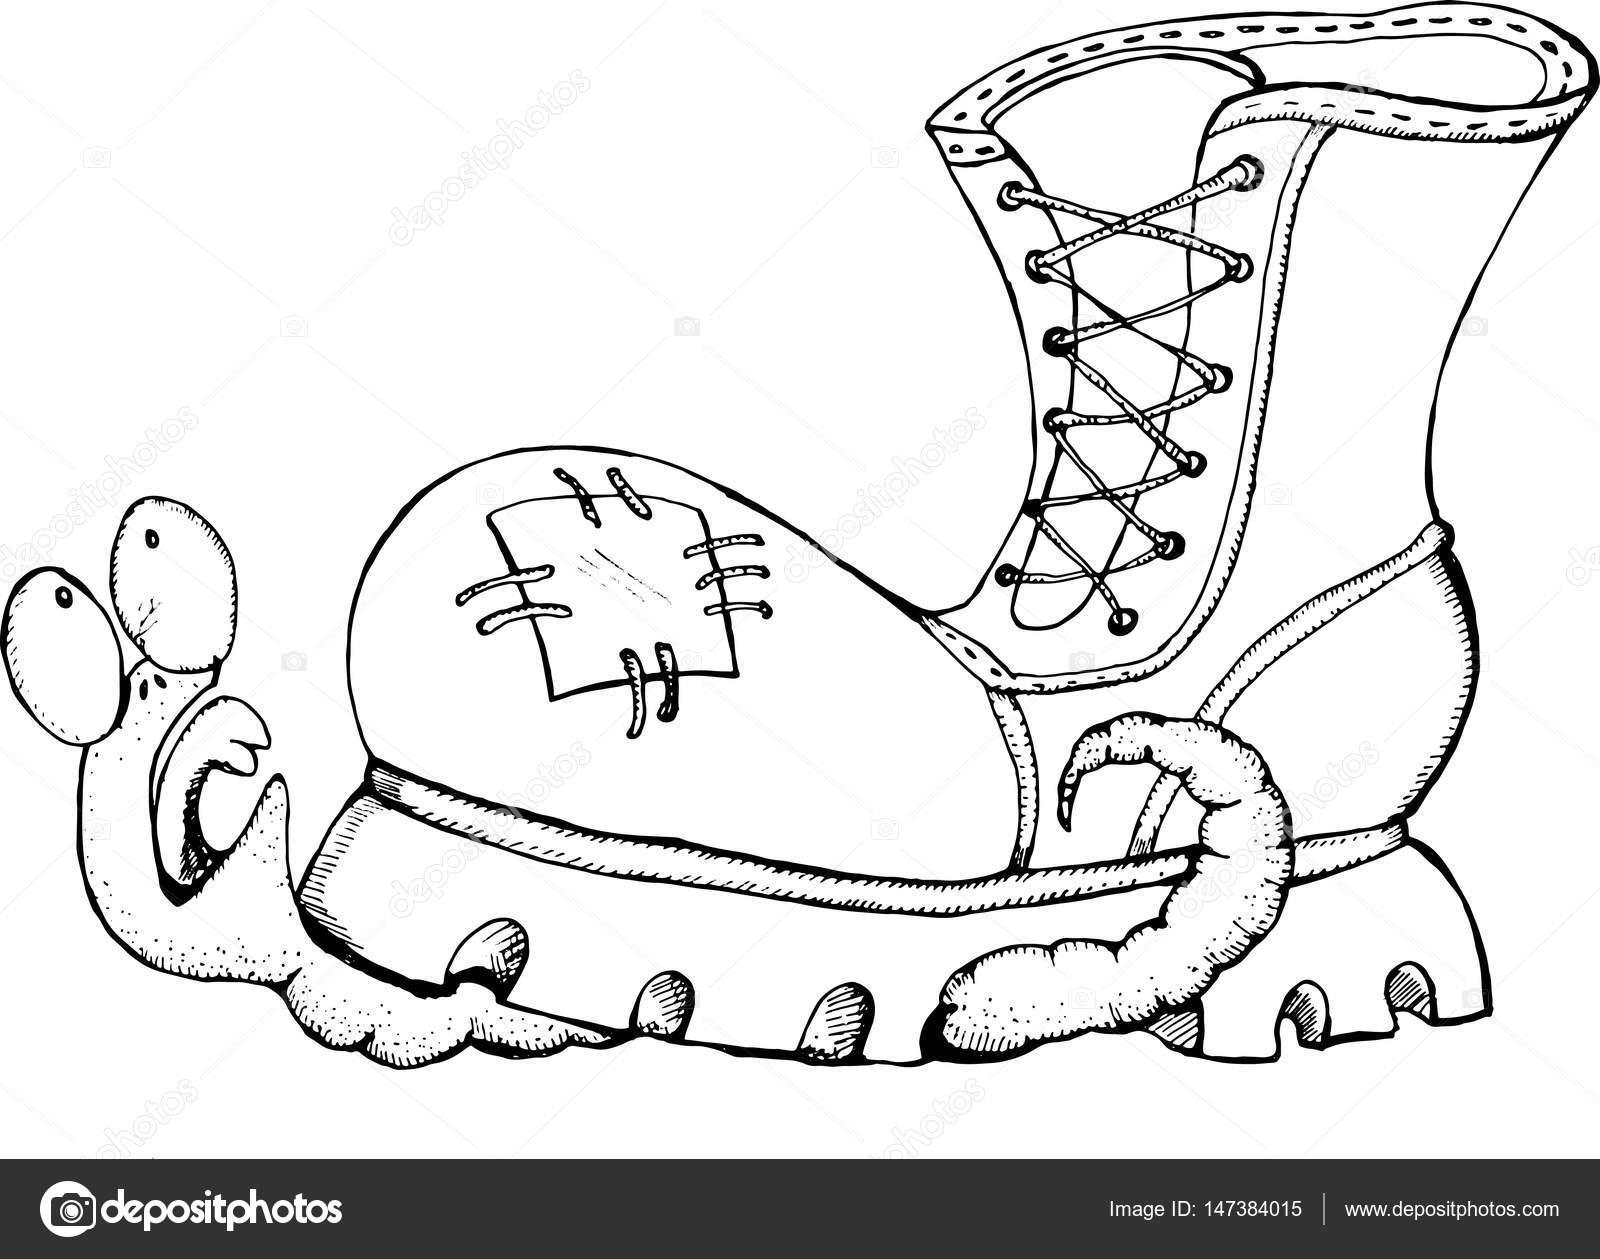 Gusanos Animados Para Imprimir Un Gusano Aplastado Por Un Zapato